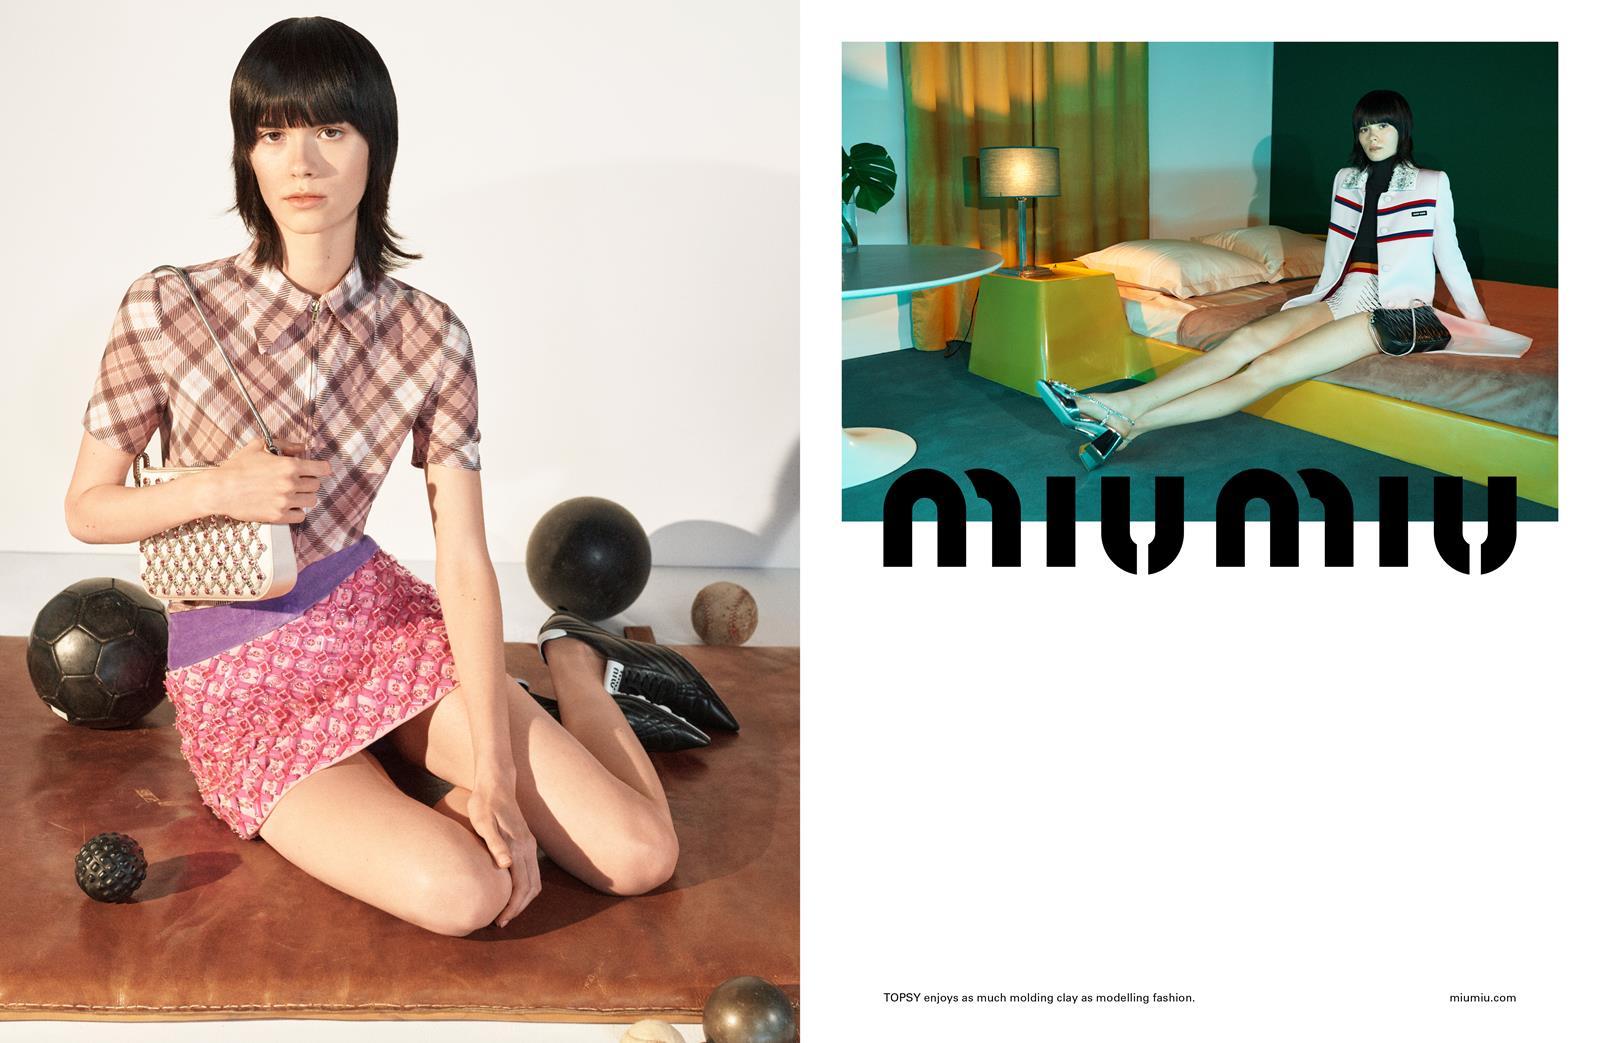 campagna pubblicitaria miu miu realizzata da fotografo di moda steven meisel primavera estate